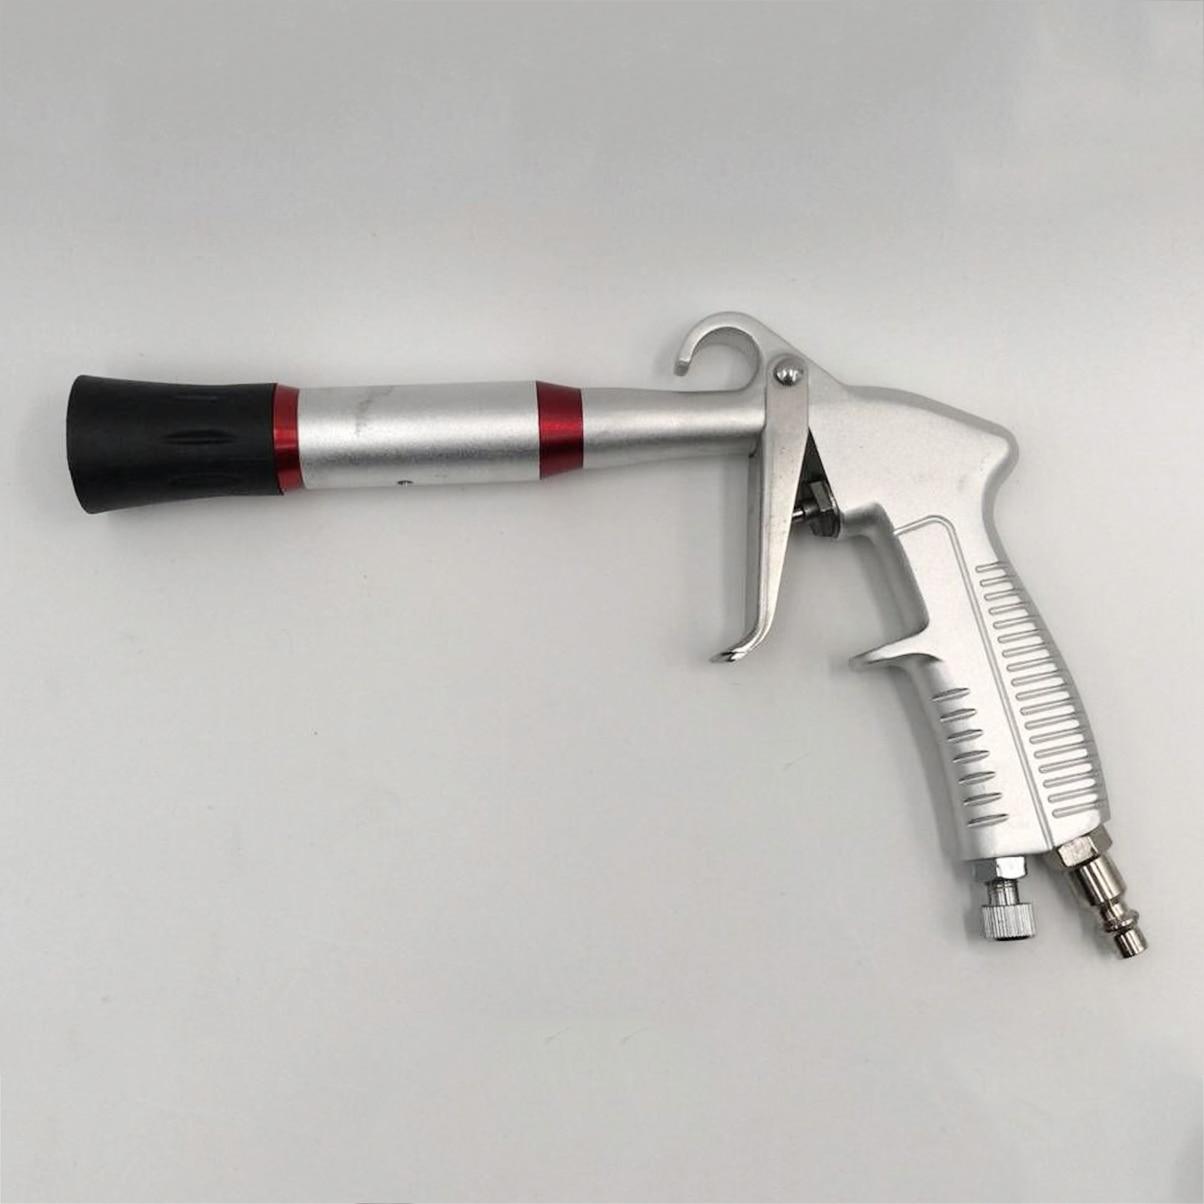 Nouveau pistolet à Air comprimé pistolet de nettoyage à sec Tornado pneumatique haute qualité outils de lavage de voiture connecteur américain